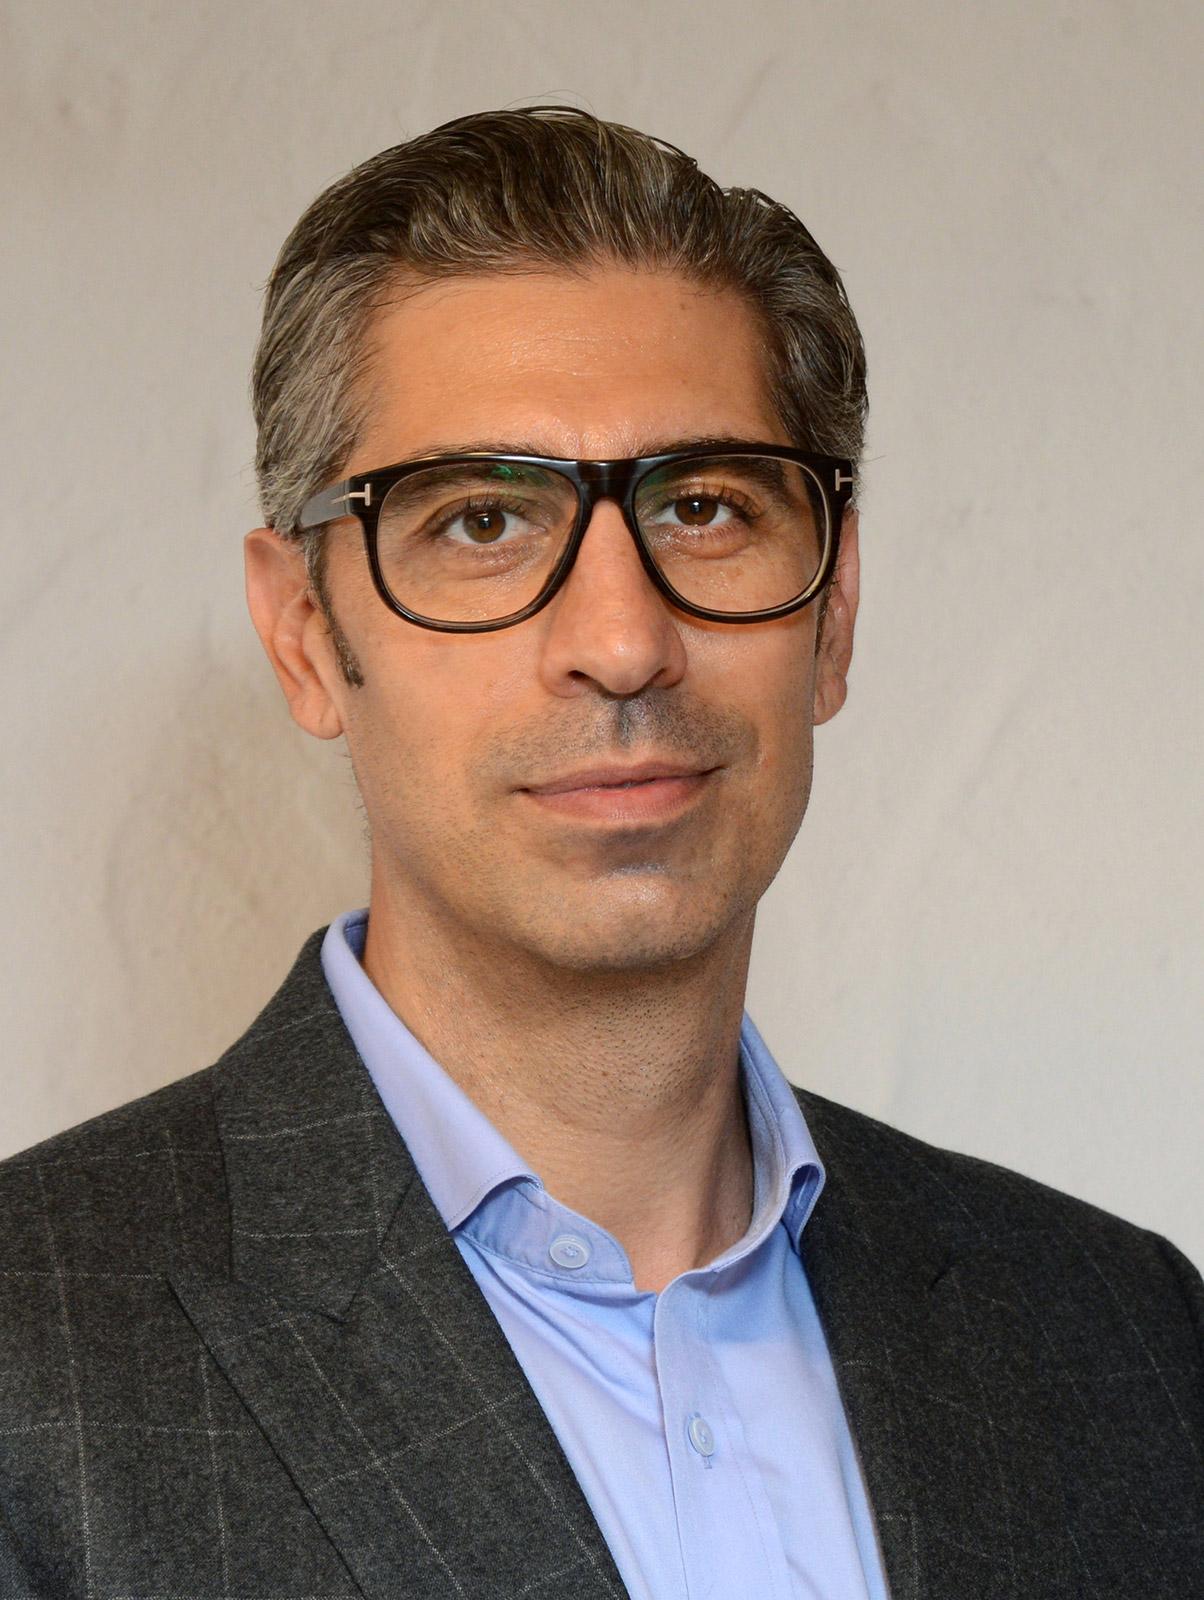 Murat Yatkin verantwortet bei SEB in Deutschland ab sofort zusammen mit Reiner Kreisel den Bereich Sales.